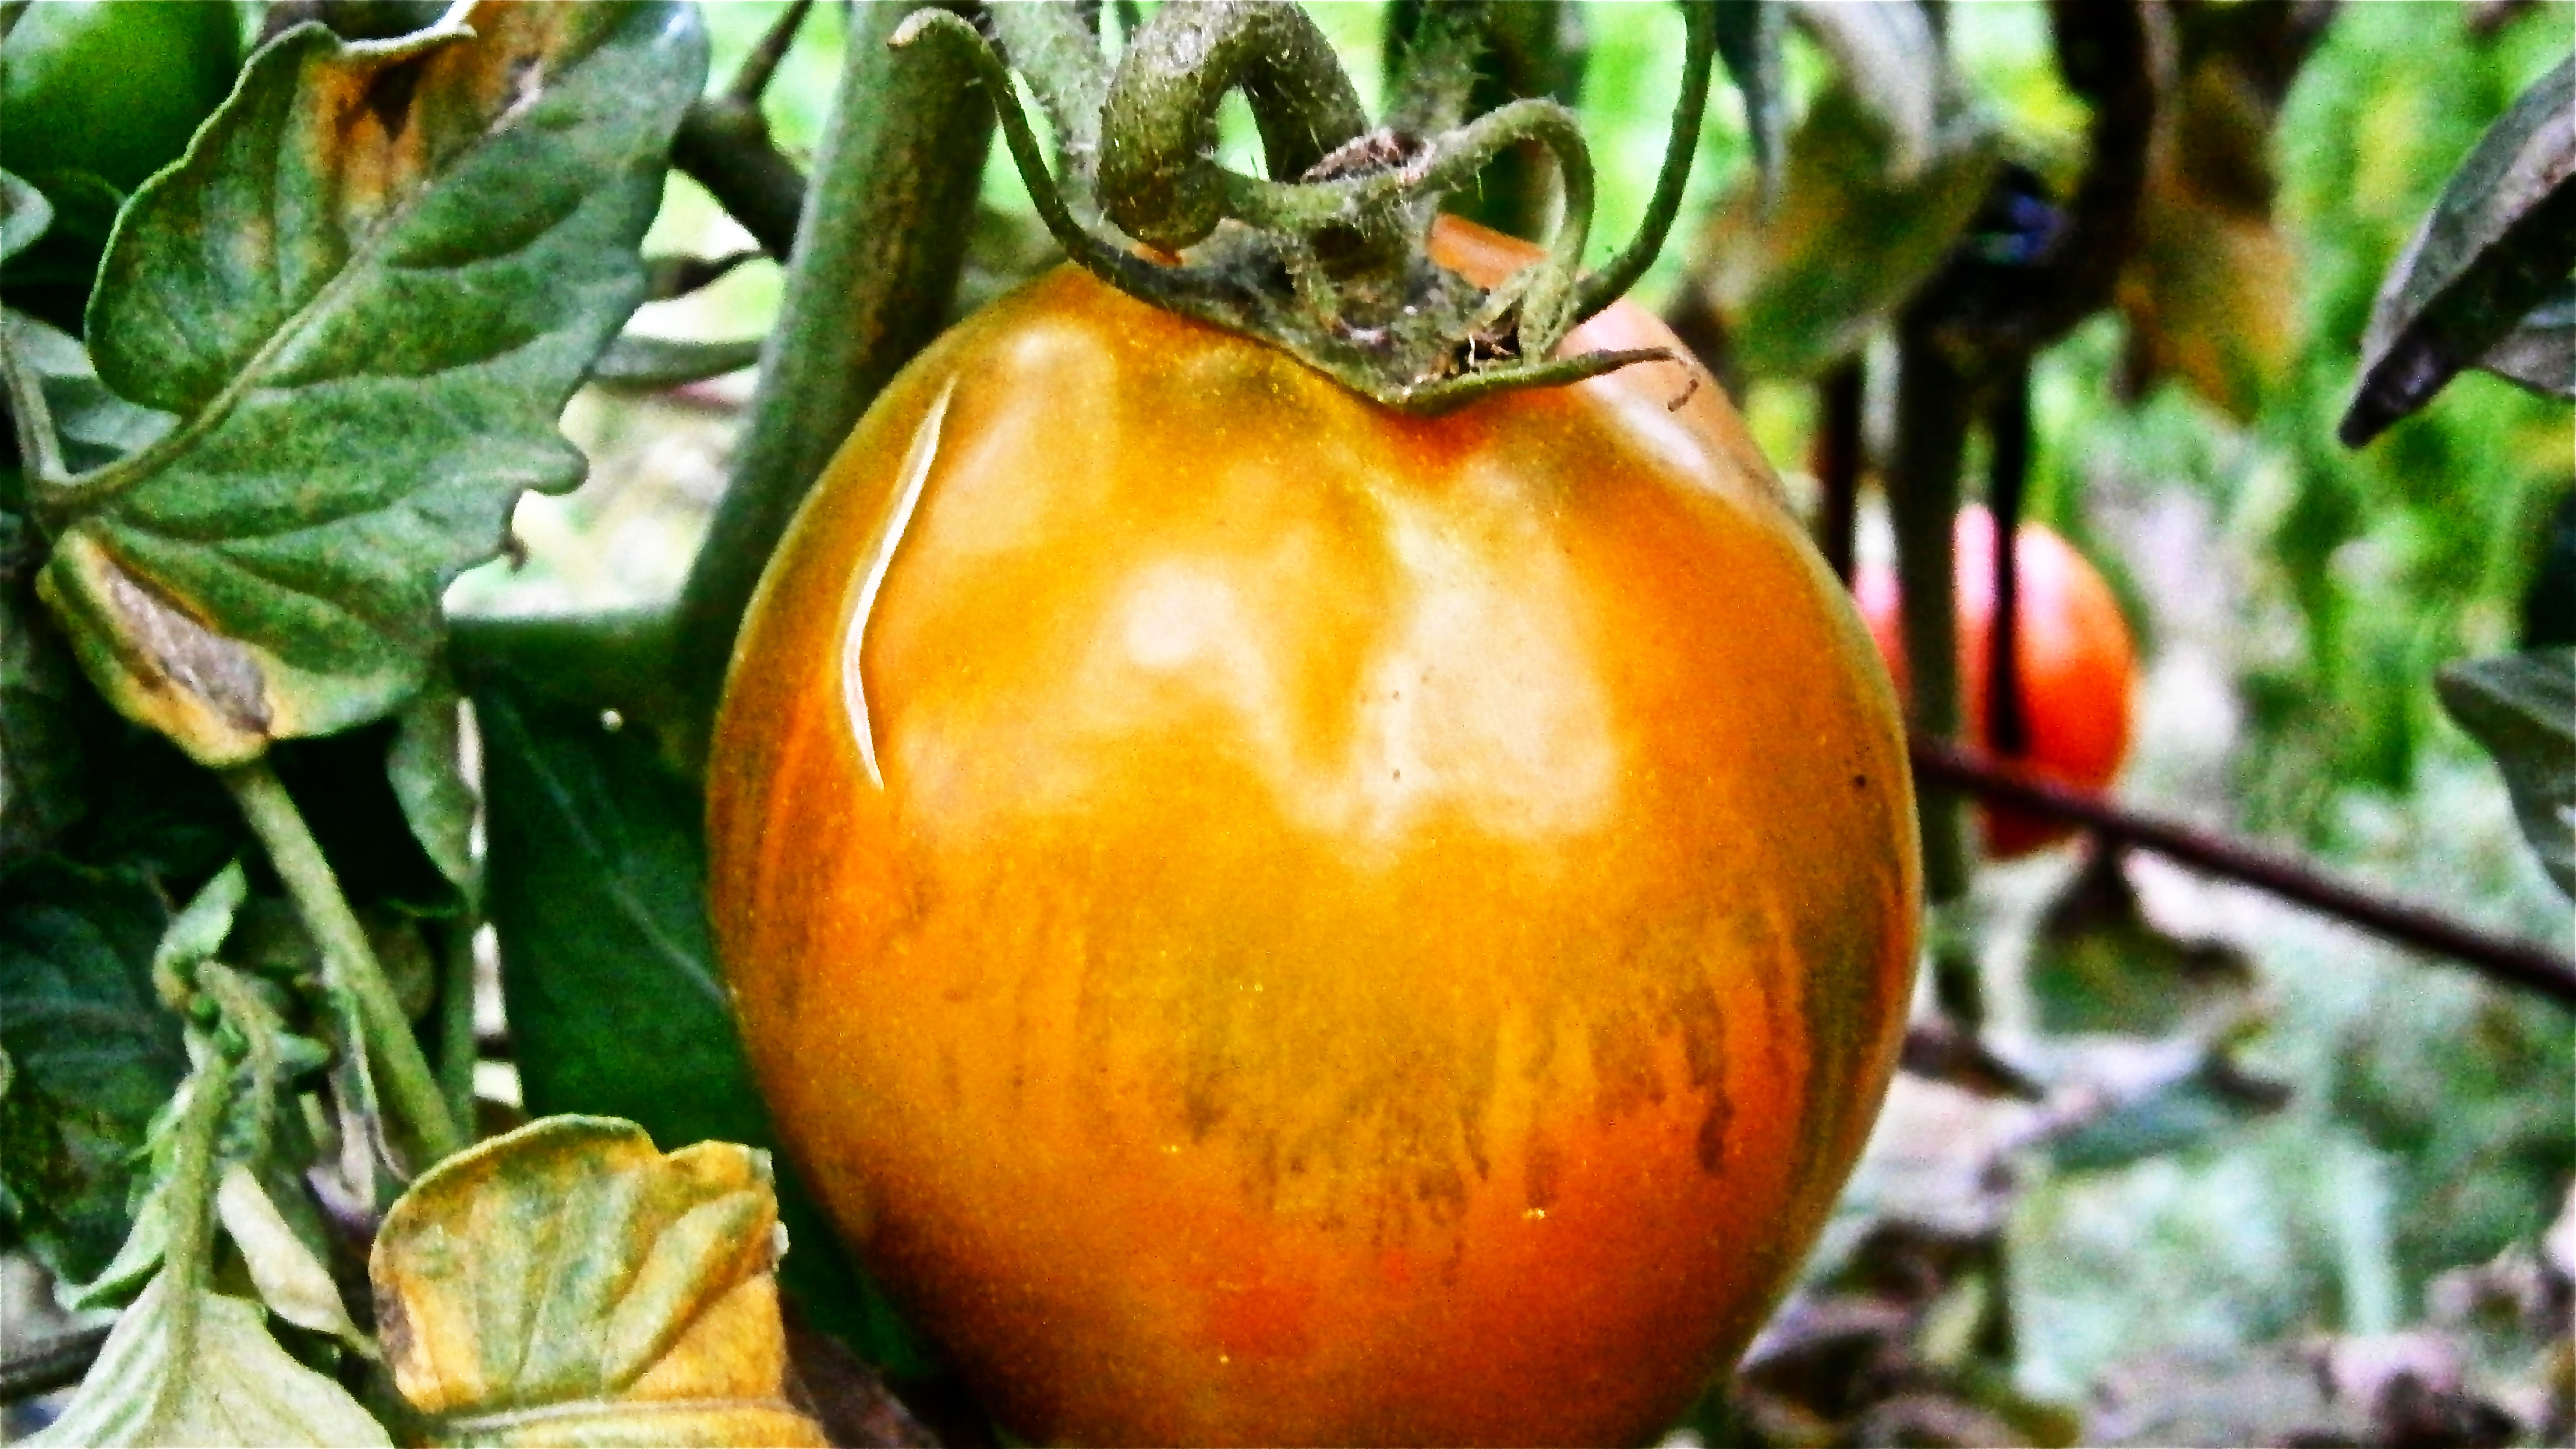 Kostenlose foto  Natur Frucht Lebensmittel produzieren Gemse